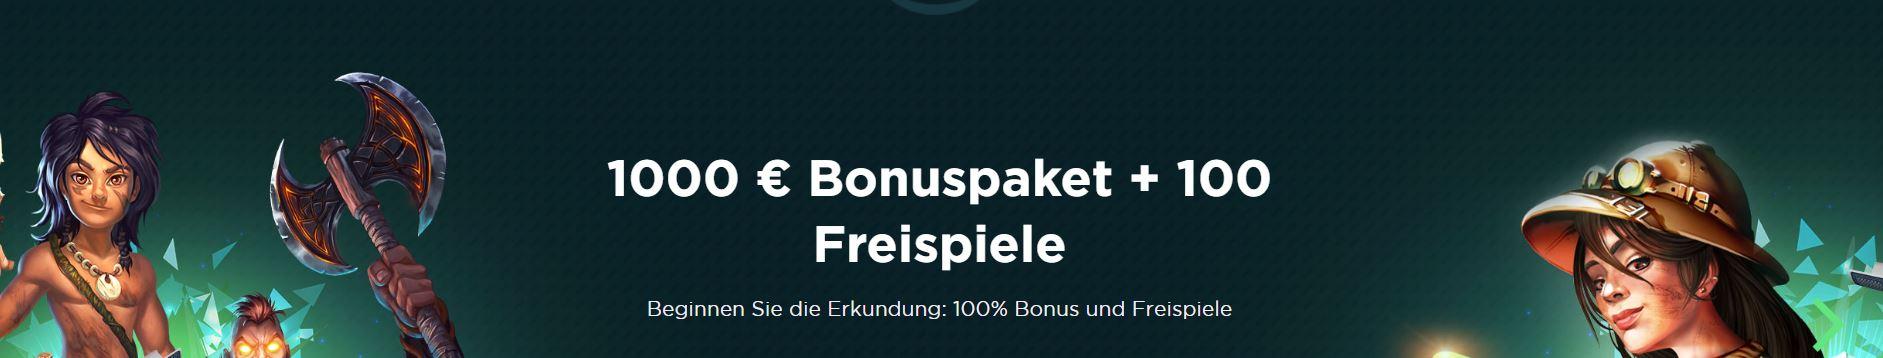 spela €1000 bonus + 100 free spins